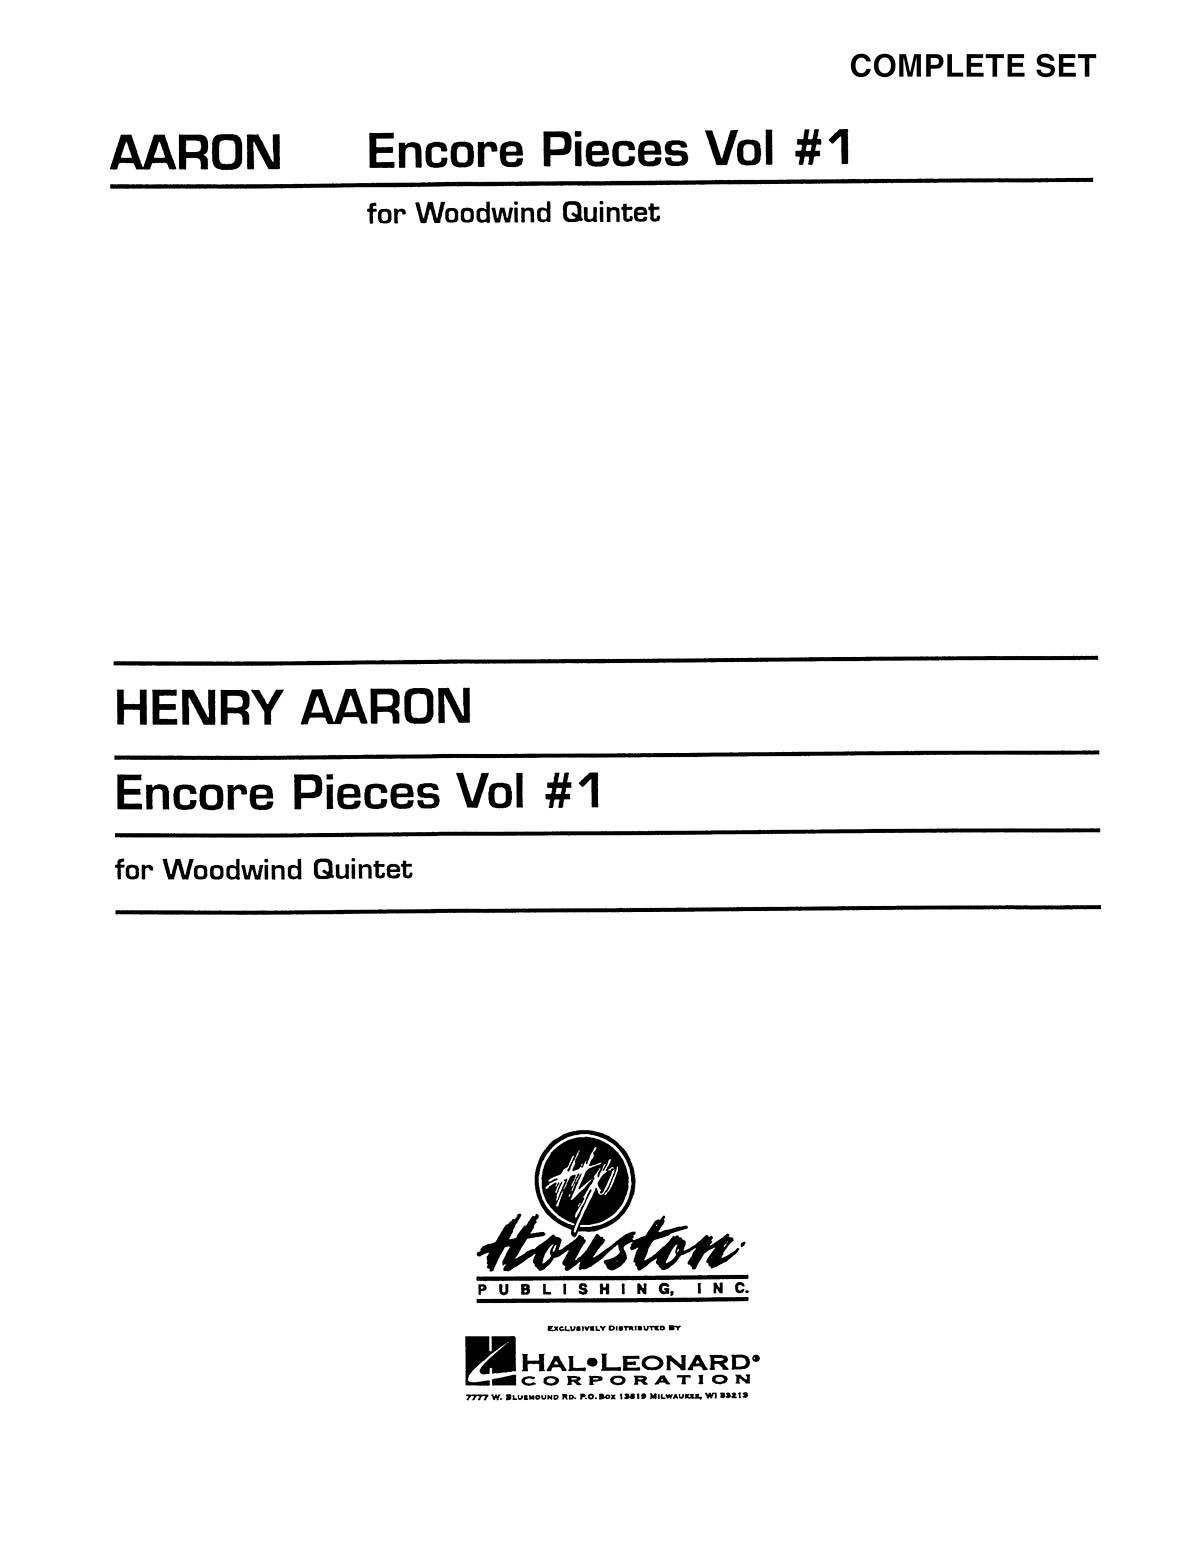 Encore Pieces for Woodwind Quintet - Volume 1: Woodwind Ensemble: Score & Parts